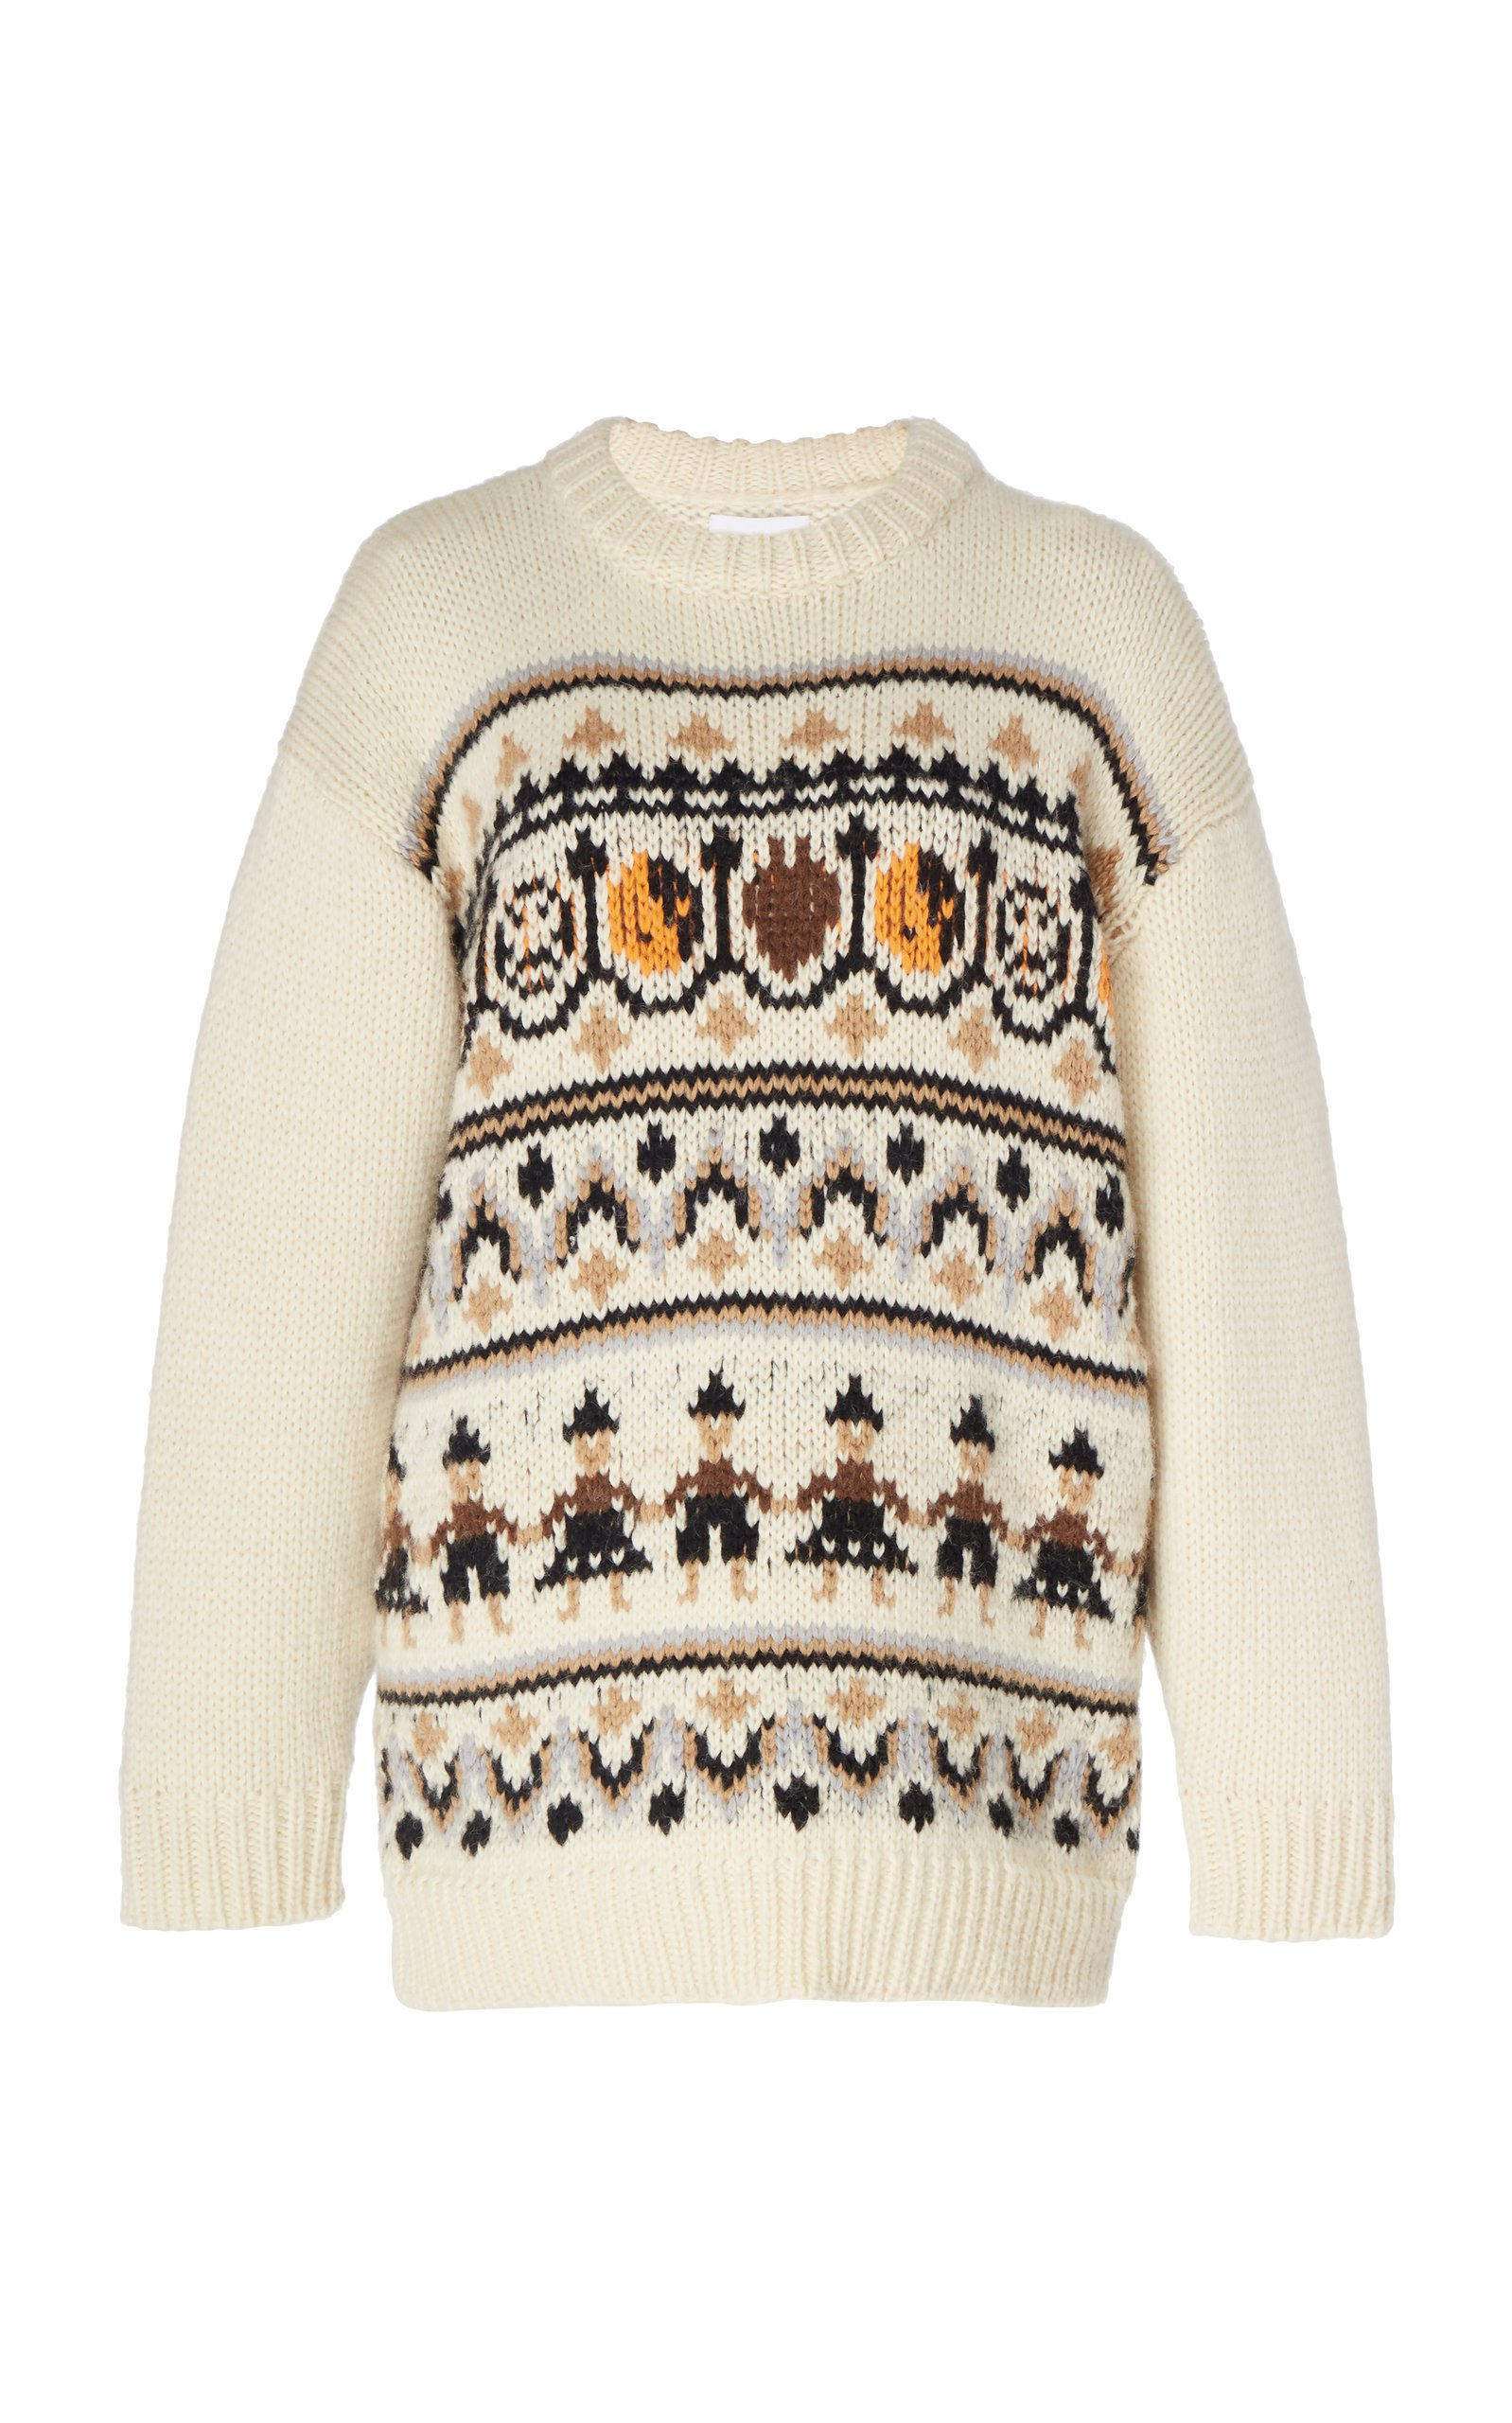 Ganni Intarsia Wool and Alpaca-Blend Sweater Size: L